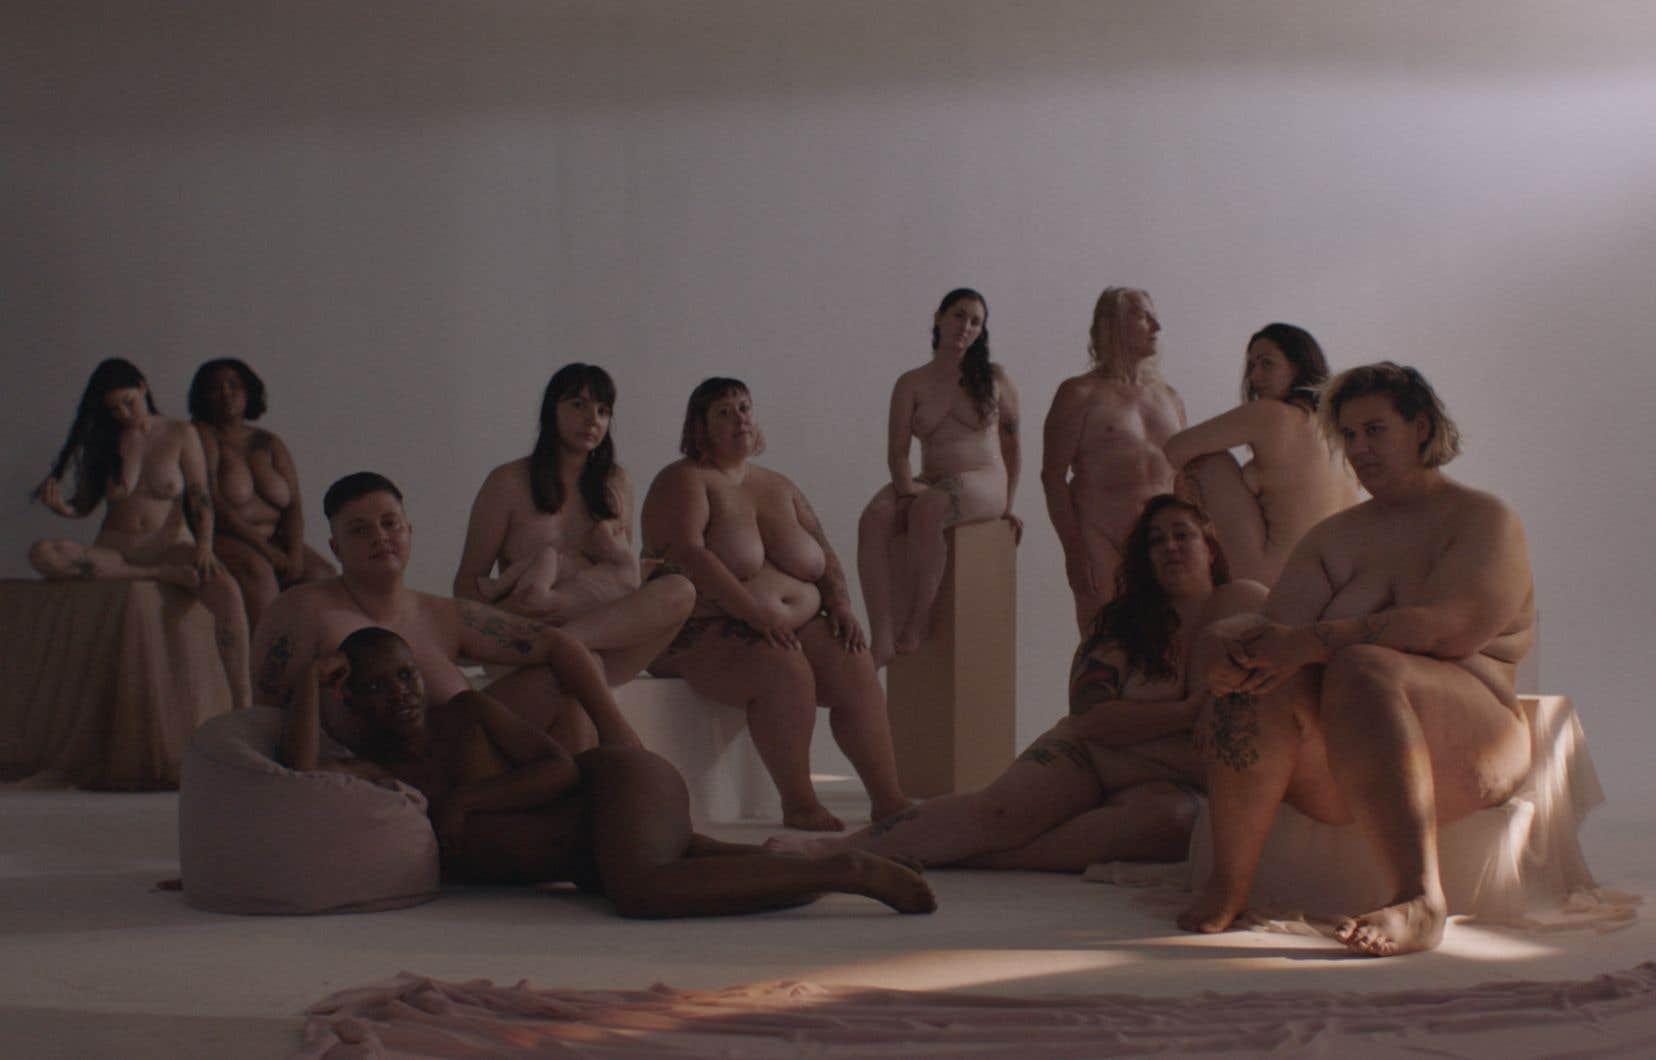 L'idée de déshabiller ces femmes le temps d'une chanson est aussi un moyen de «réappropriation du corps des femmes, longtemps représenté par des hommes», expliquent Cassandra Cacheiro et Sara Hini du Womanhood Project, respectivement photographe et directrice artistique.